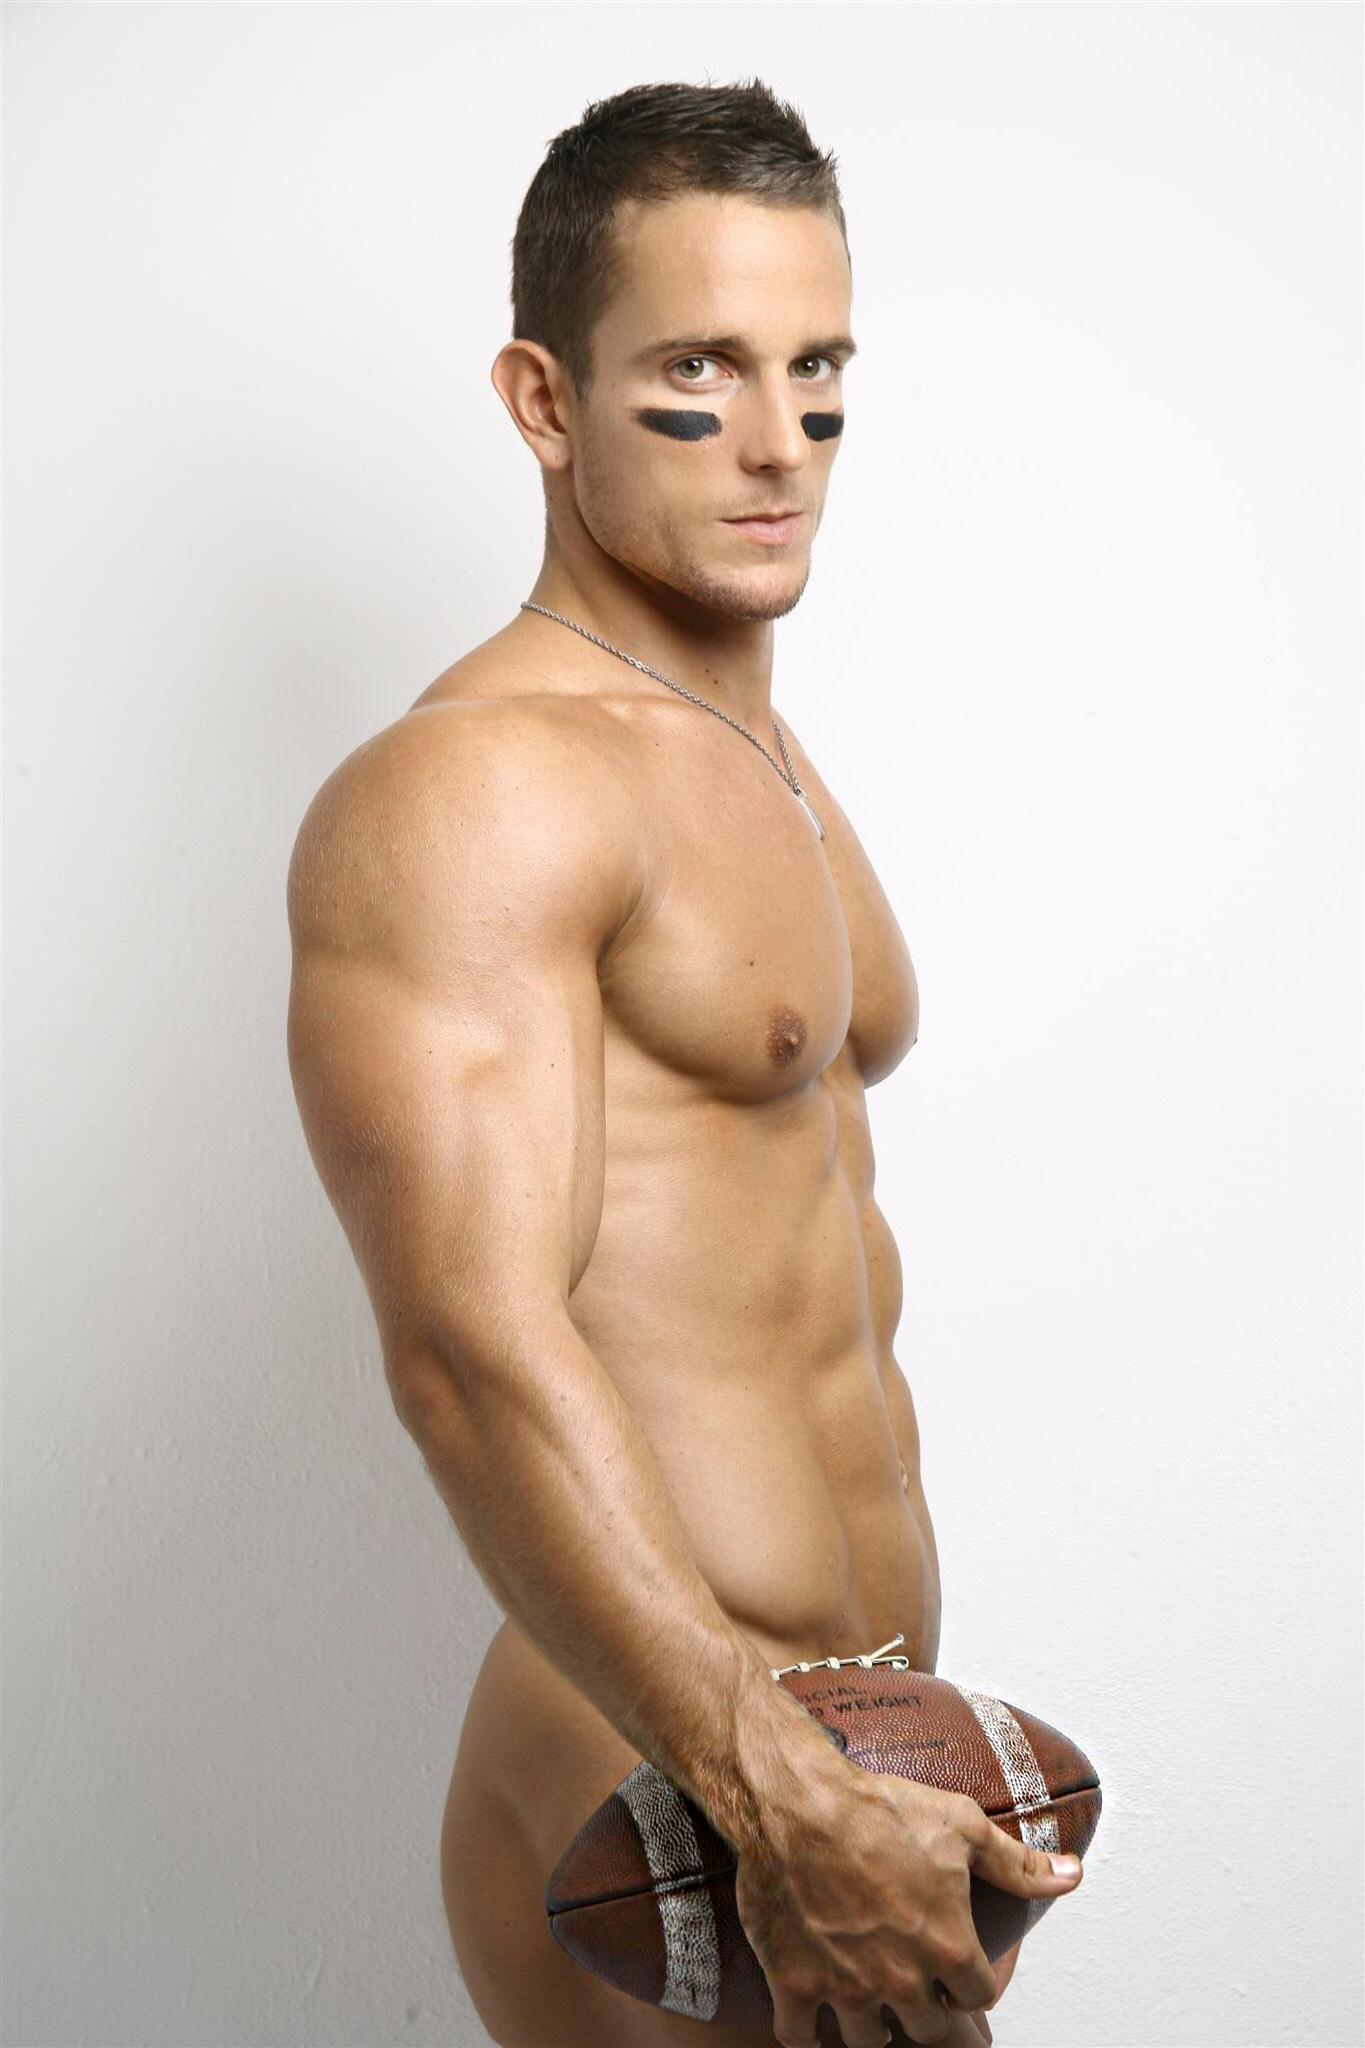 Actores Porno Penemas Grande noticias | gay saunas pases | página 6